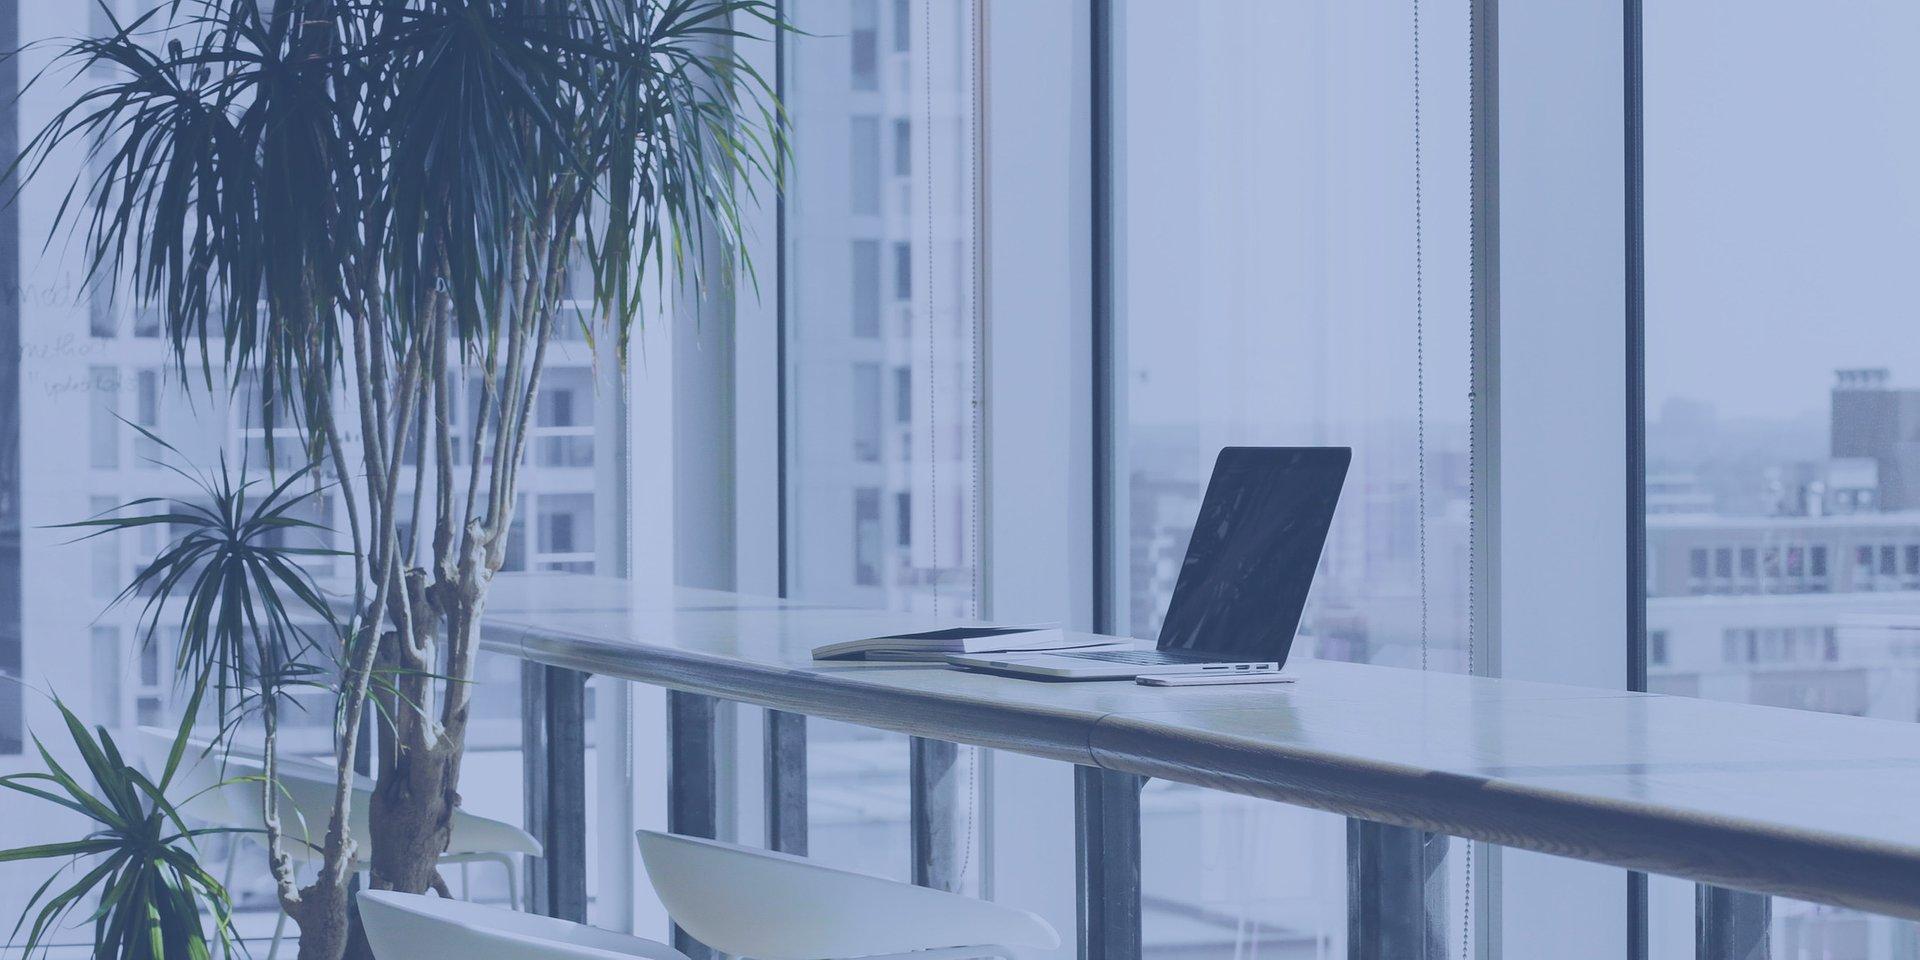 Kancelaria Rąpała wspiera Sodexo w procesie zmiany siedziby biura